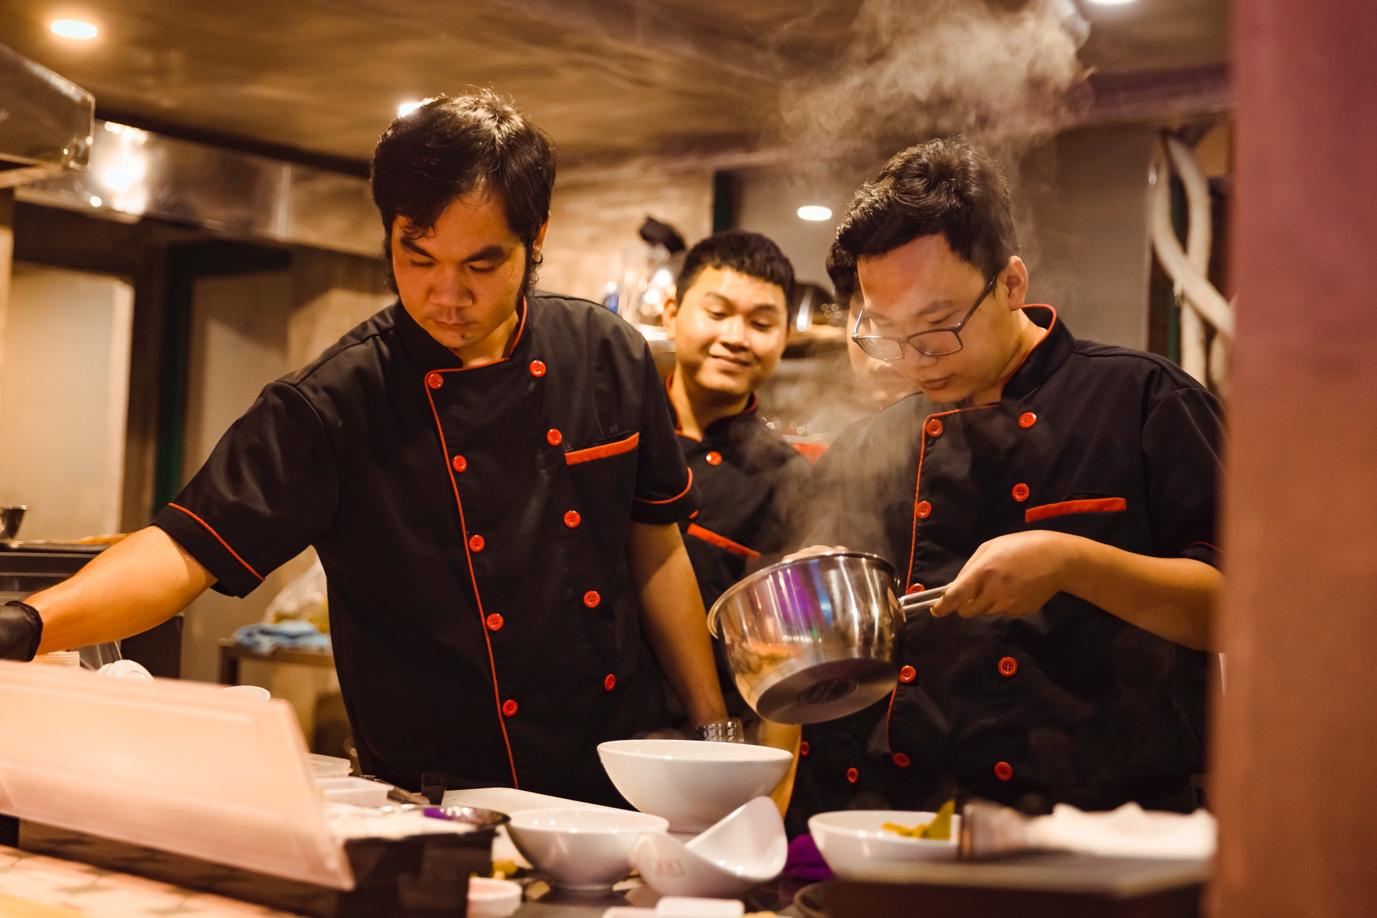 """Tới Sài Gòn chưa ăn thử mấy món này, coi như """"phí công checkin"""" - Ảnh 7."""